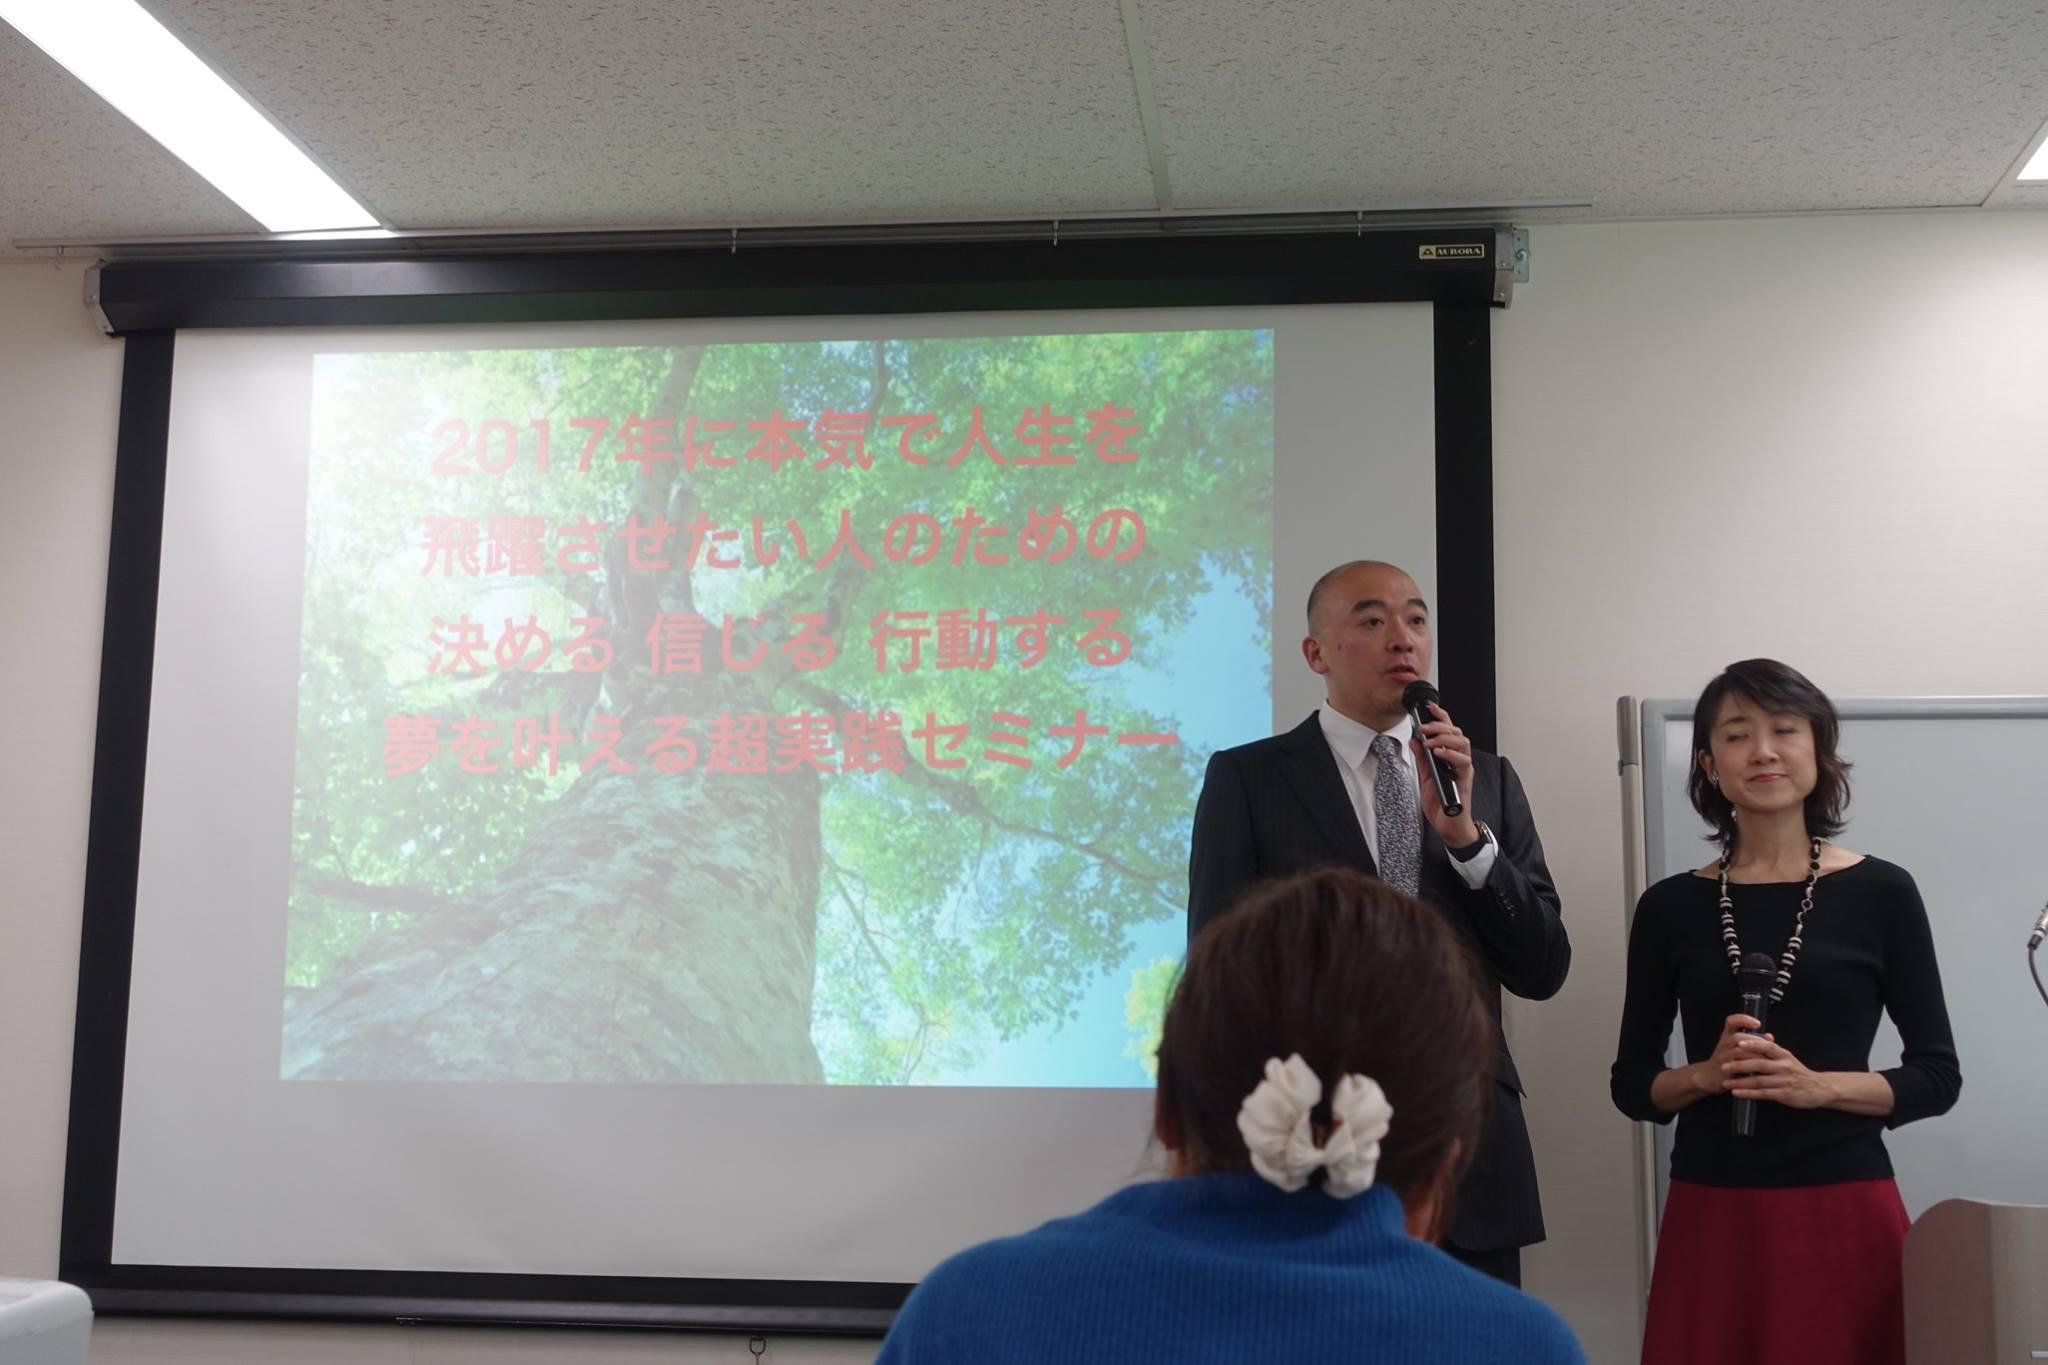 まずは小さなことから決めて・信じて・行動してみよう!〜立花岳志・大塚彩子「決める 信じる 行動する 夢を叶える超実践セミナー」に登壇しました